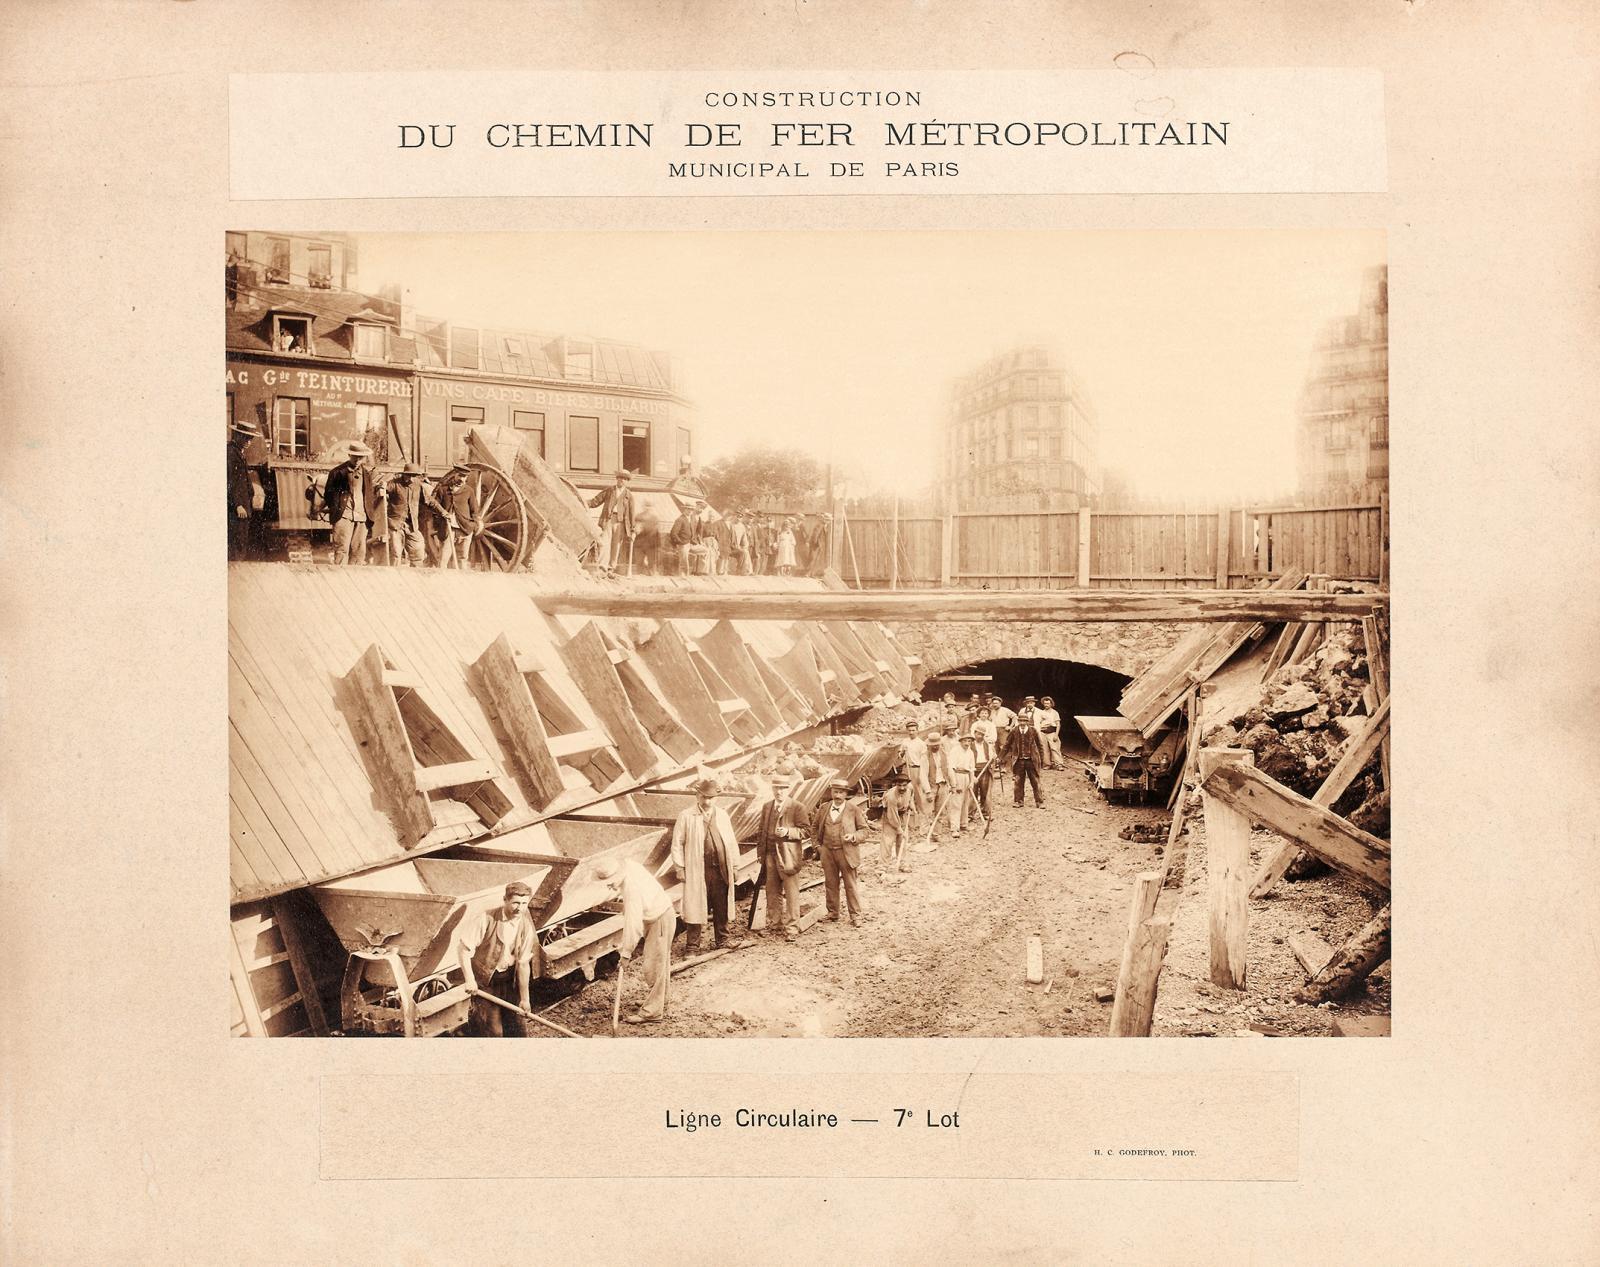 Album de 79photographies sur la construction du métropolitain parisien, collées, de différents formats, in-4°. Paris, Drouot-Richelieu, 5avril2011.